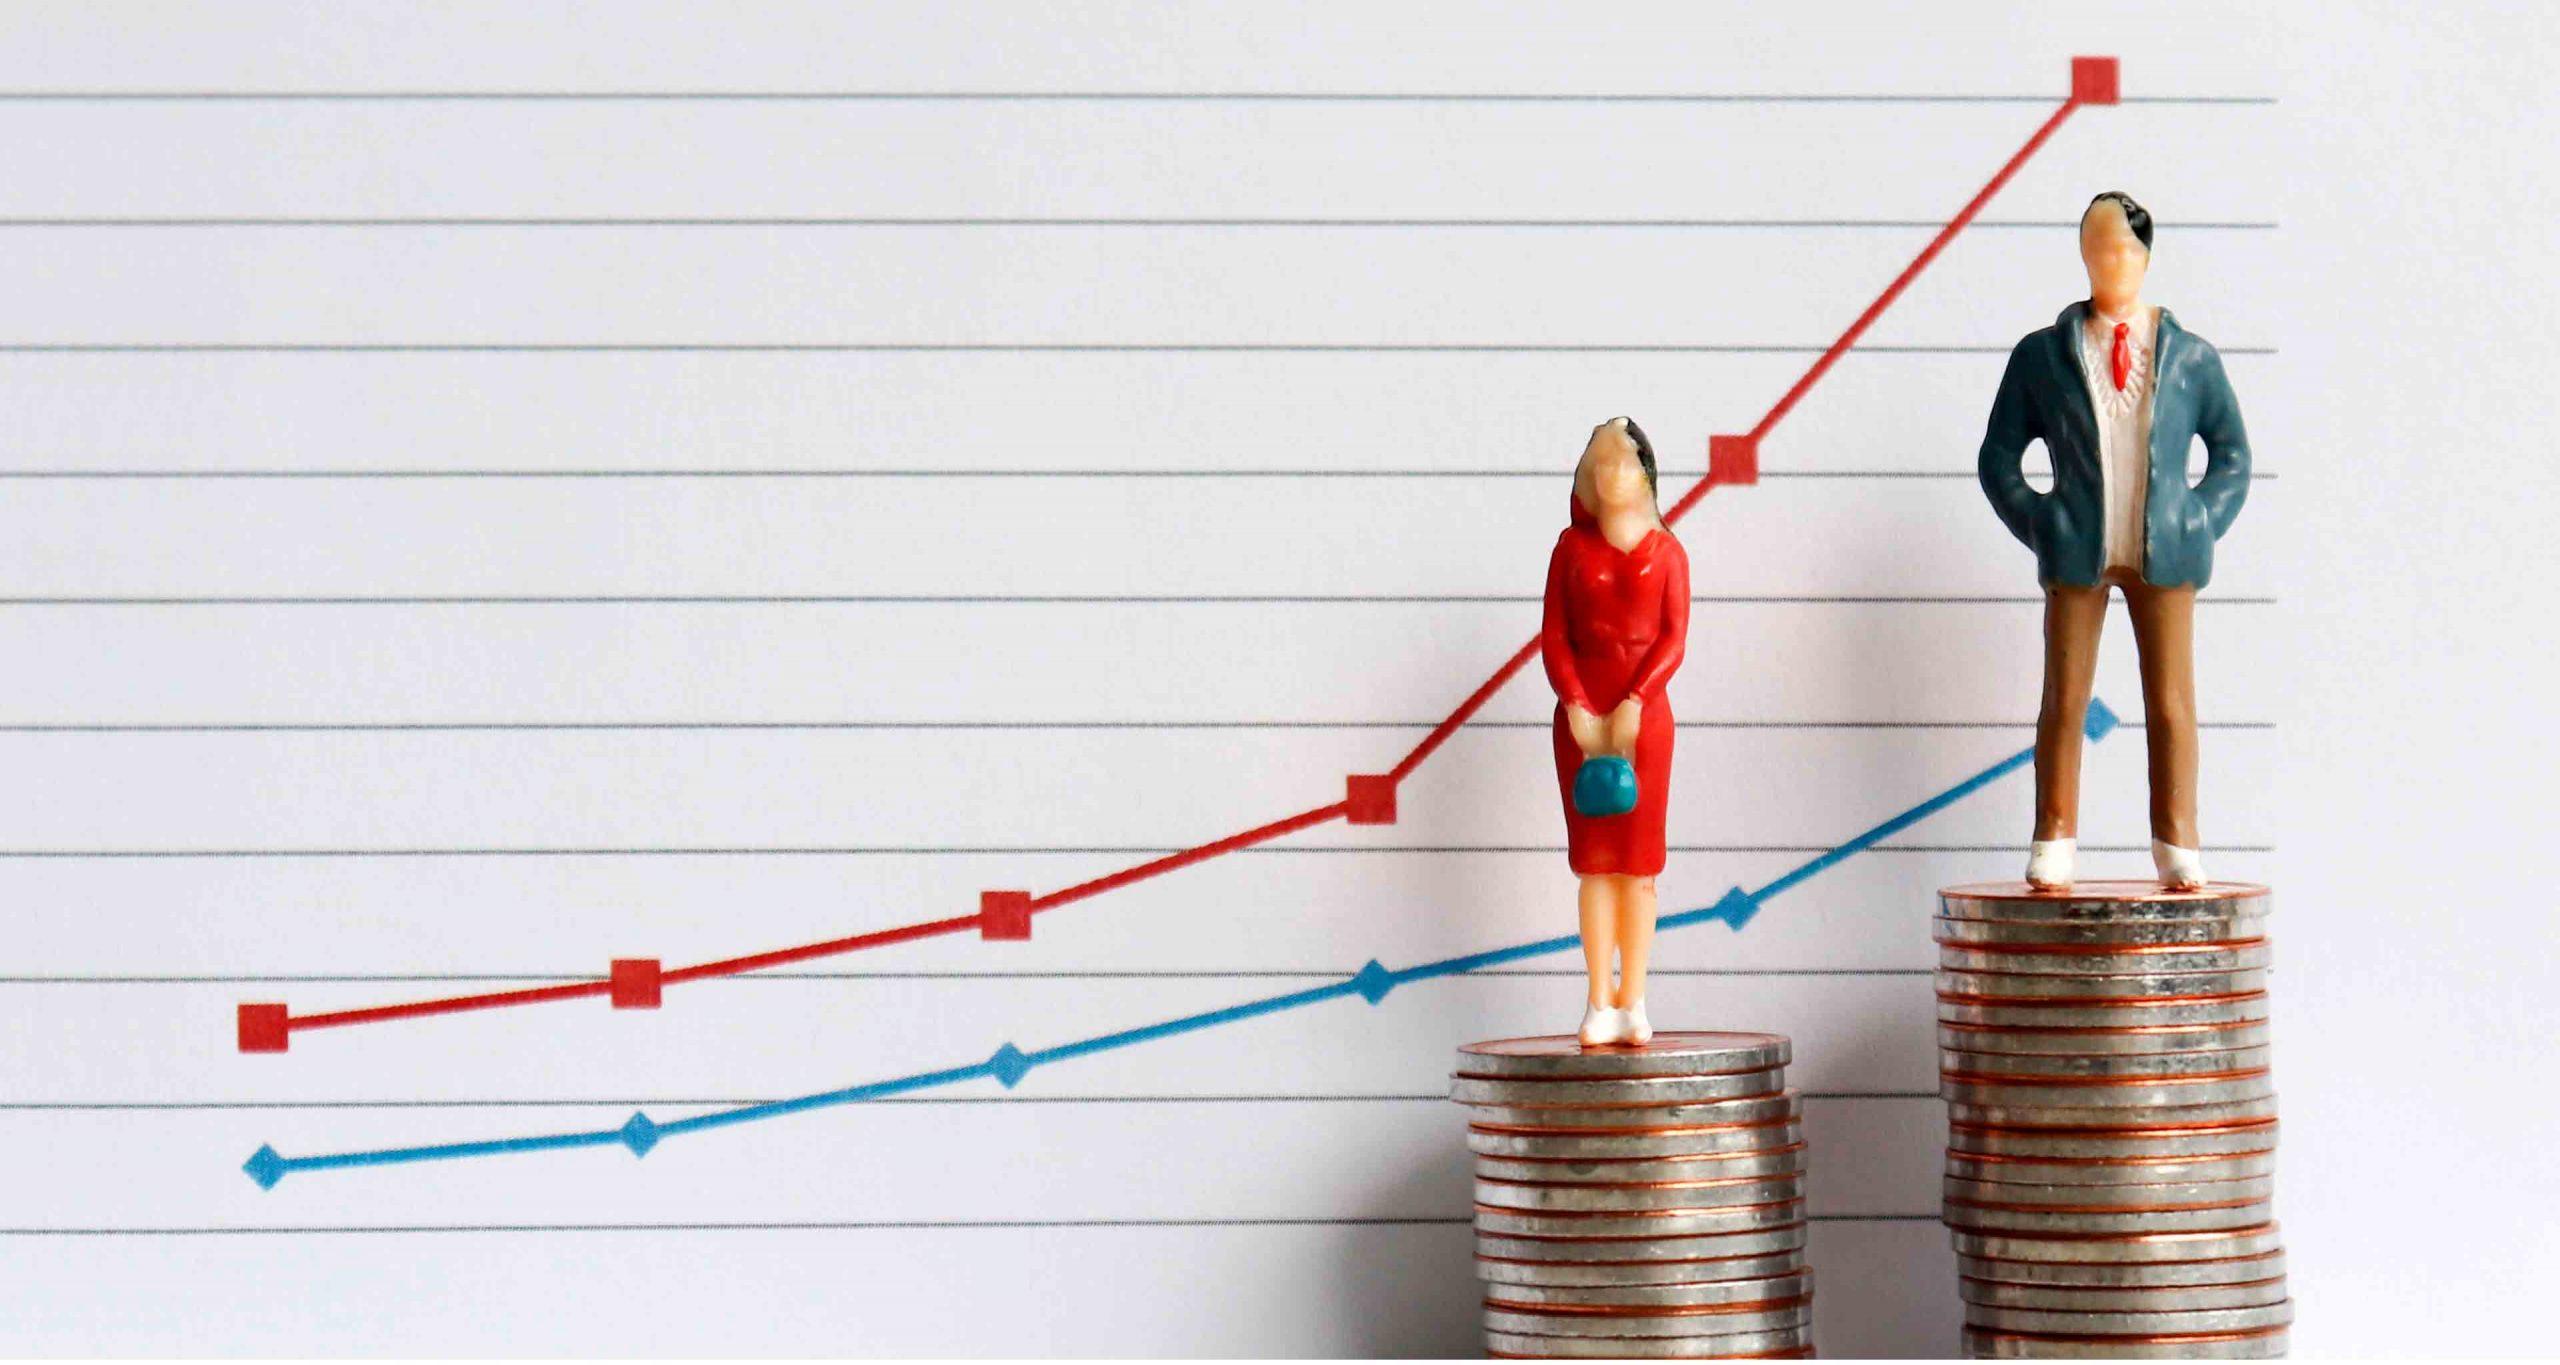 brecha salarial, desigualdad de género, violencia financiera, finanzas, mujeres, ámbito laboral, discriminación, género, inclusión, ingresos, salario, violencia de género, oportunidades laborales